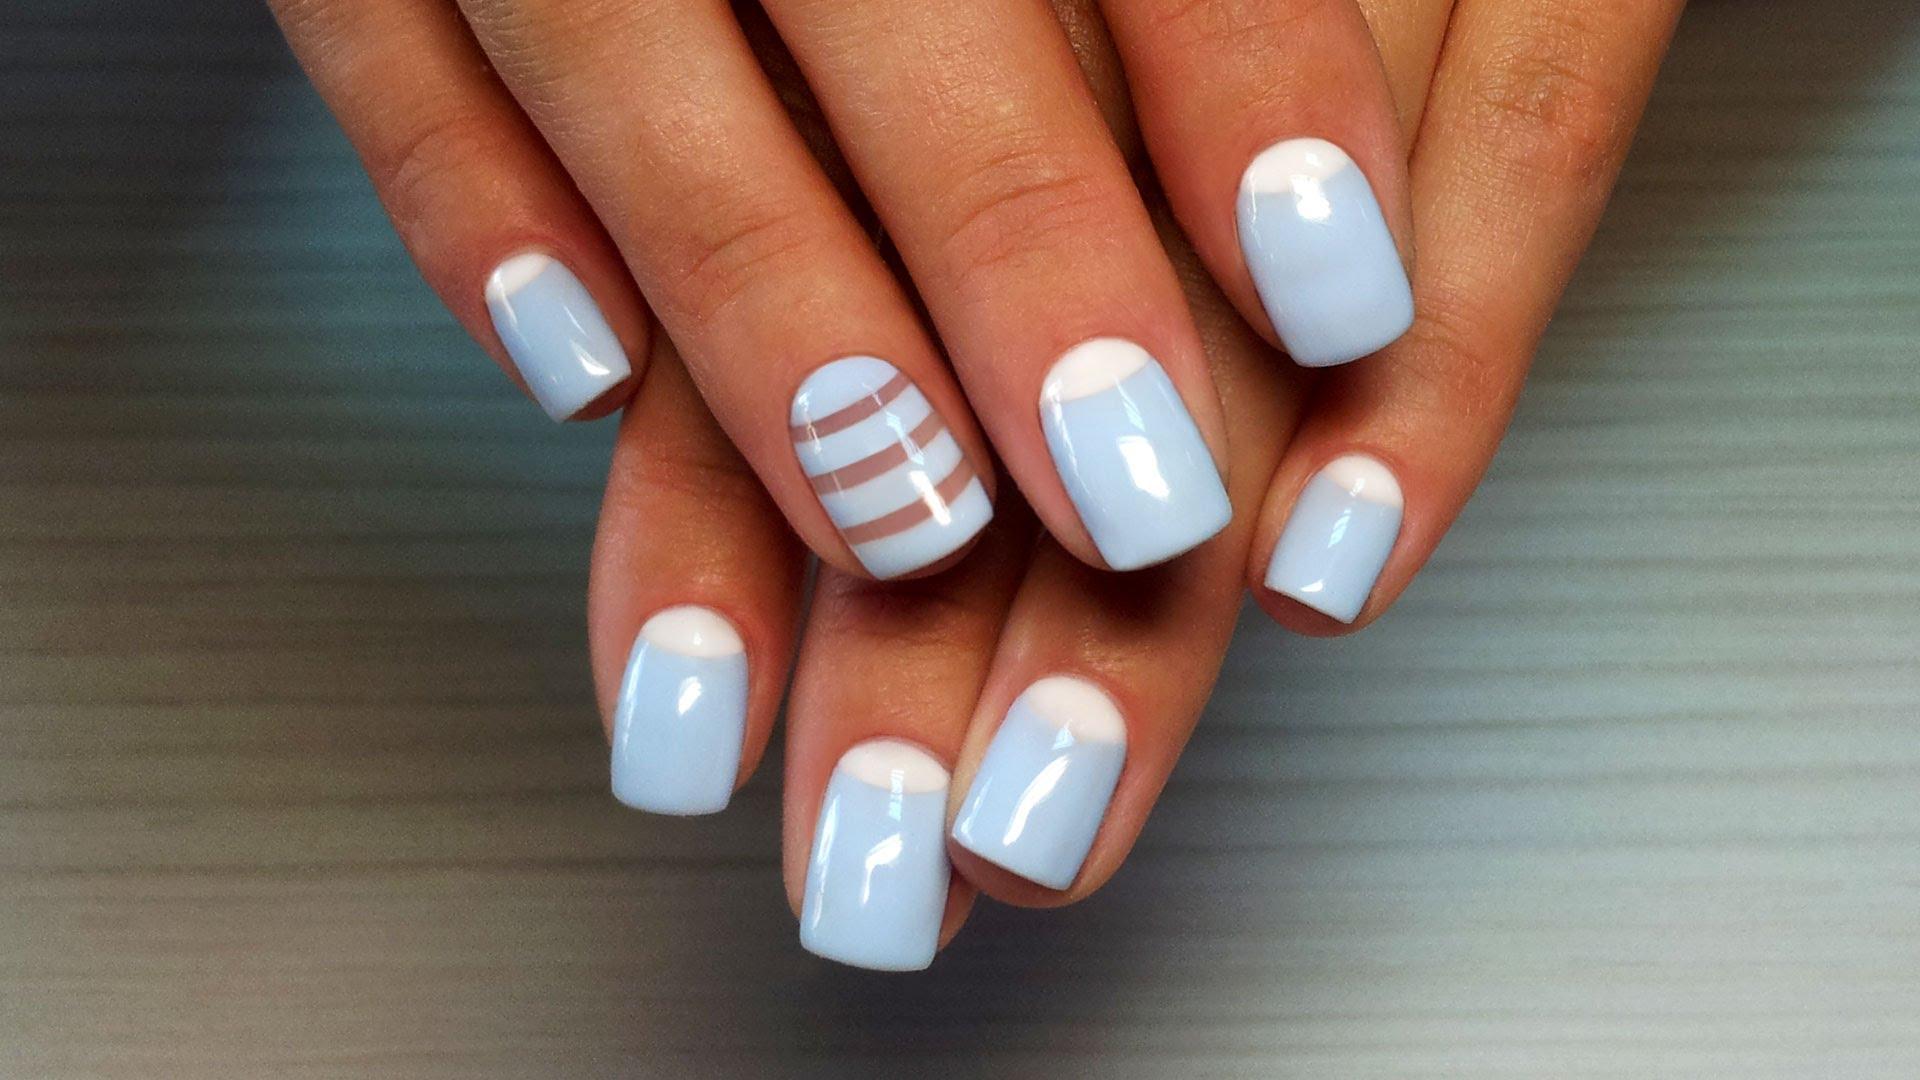 Дизайн ногтей фото. Дизайн ногтей сделайте в домашних условиях 11